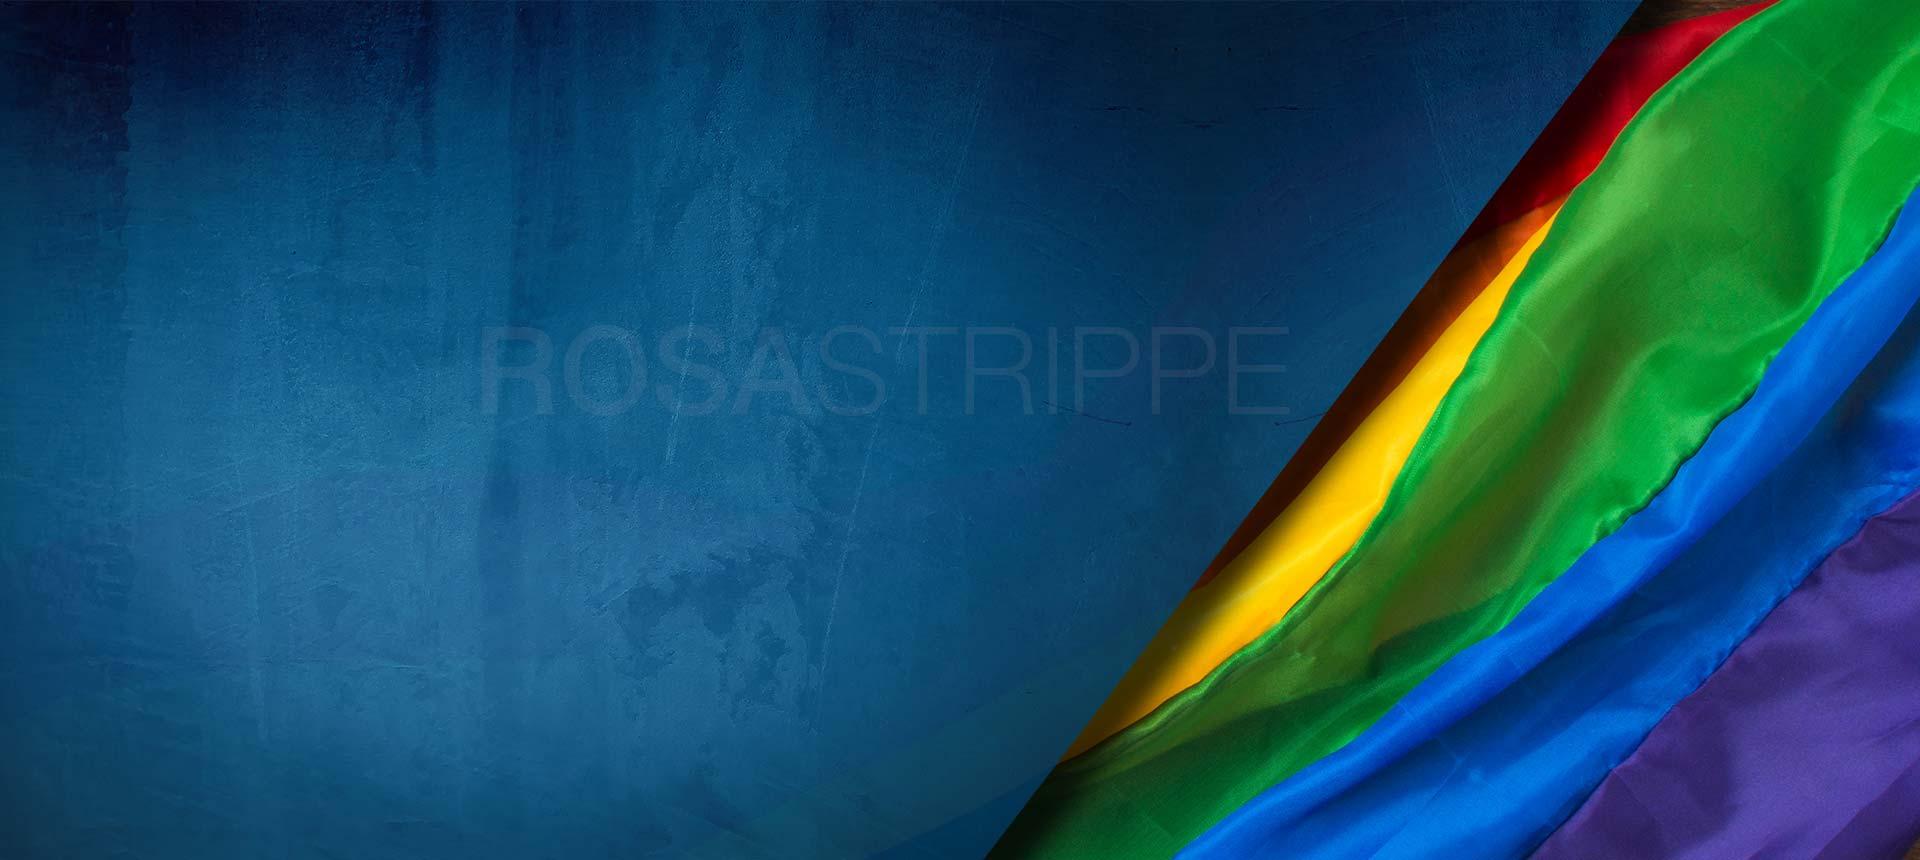 Lesben Schwule und Transgender psychische Gesundheit